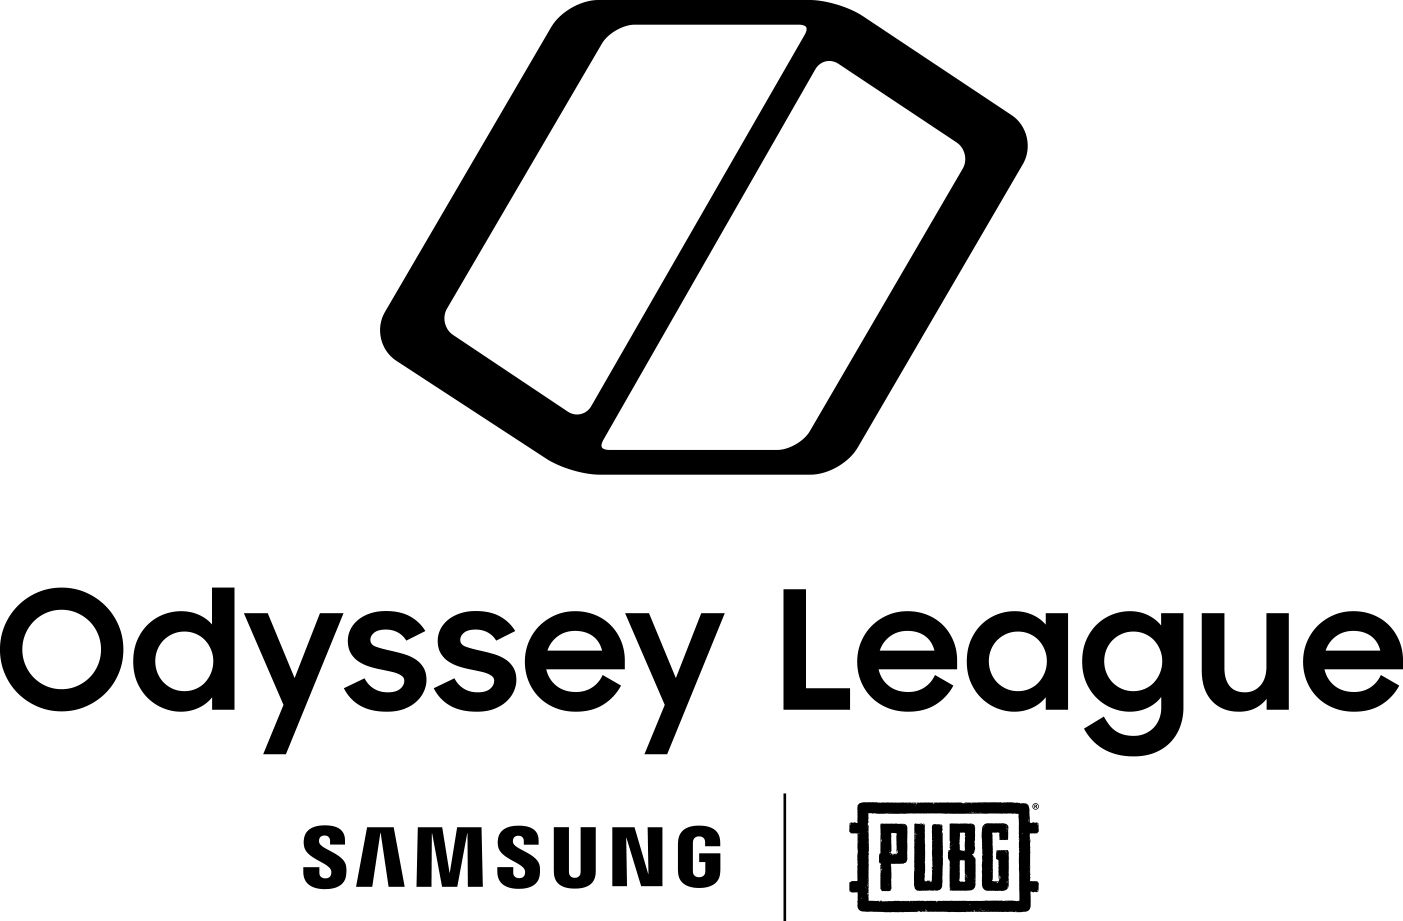 Samsung per Odyssey League, un rivoluzionario torneo di Esports paneuropeo